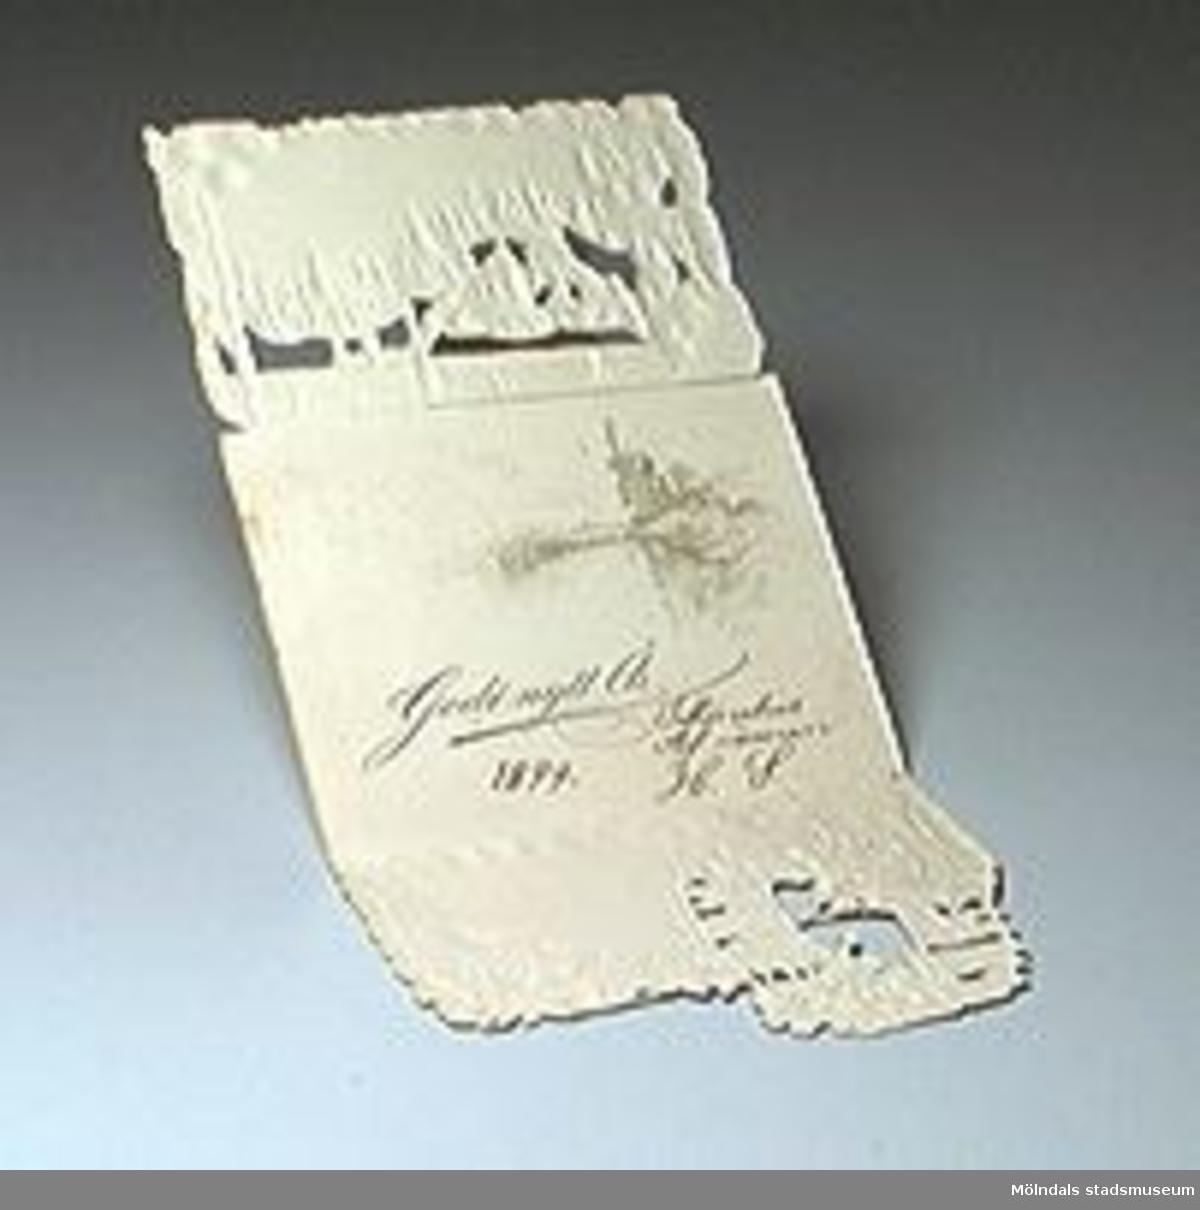 """Tredelat kort med reliftryck. Motiv: isigt kvarnhjul med blommor. Inuti står """"Godt nytt År 1899 Tillönskas af vännen HS"""".Trasigt."""